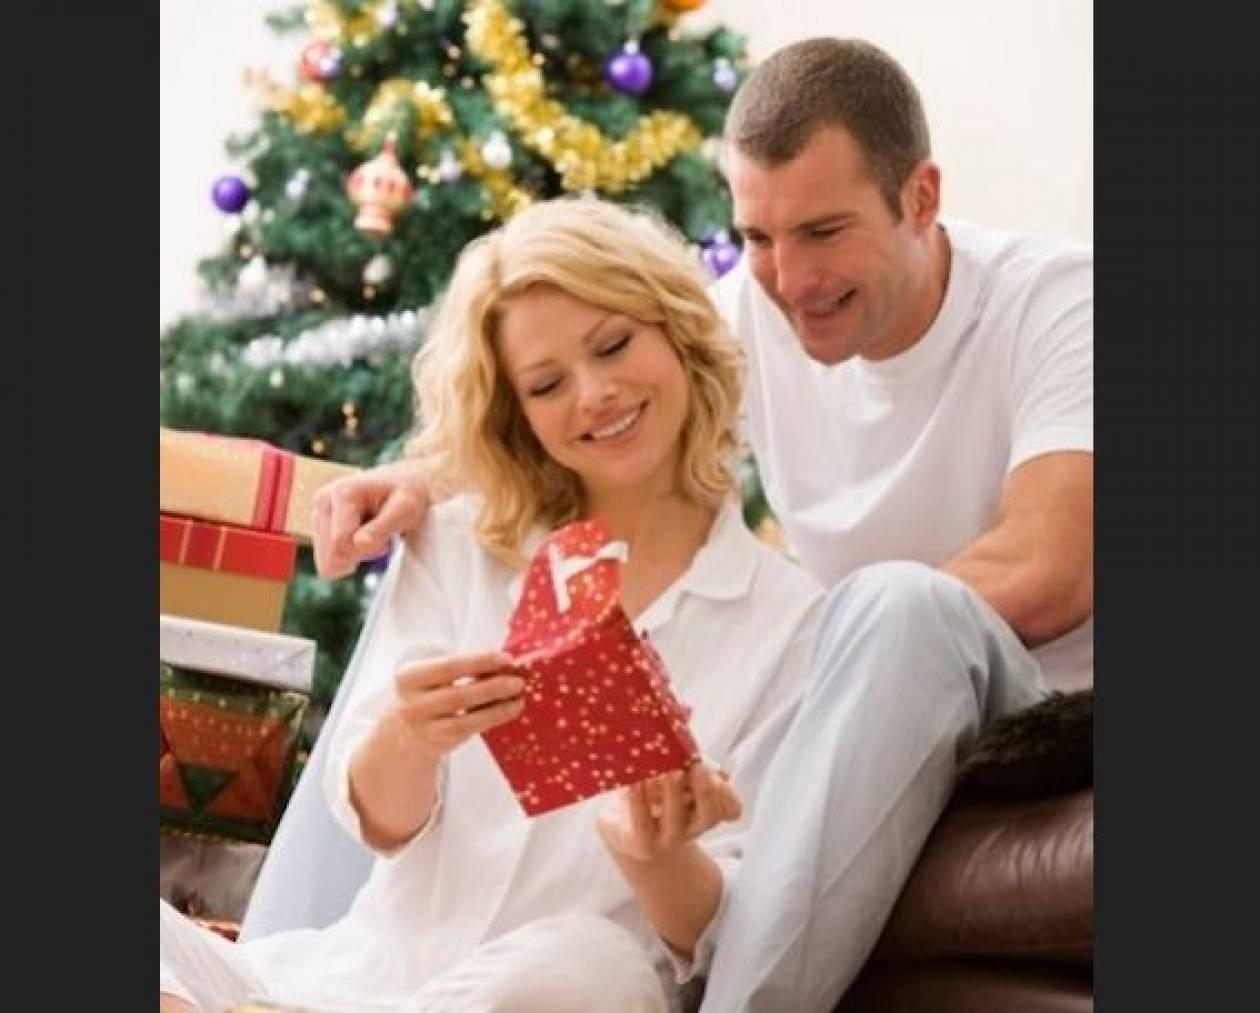 Έρευνα:Πως το σεξ σώζει ζωές ειδικά κατά τη διάρκεια των Χριστουγέννων